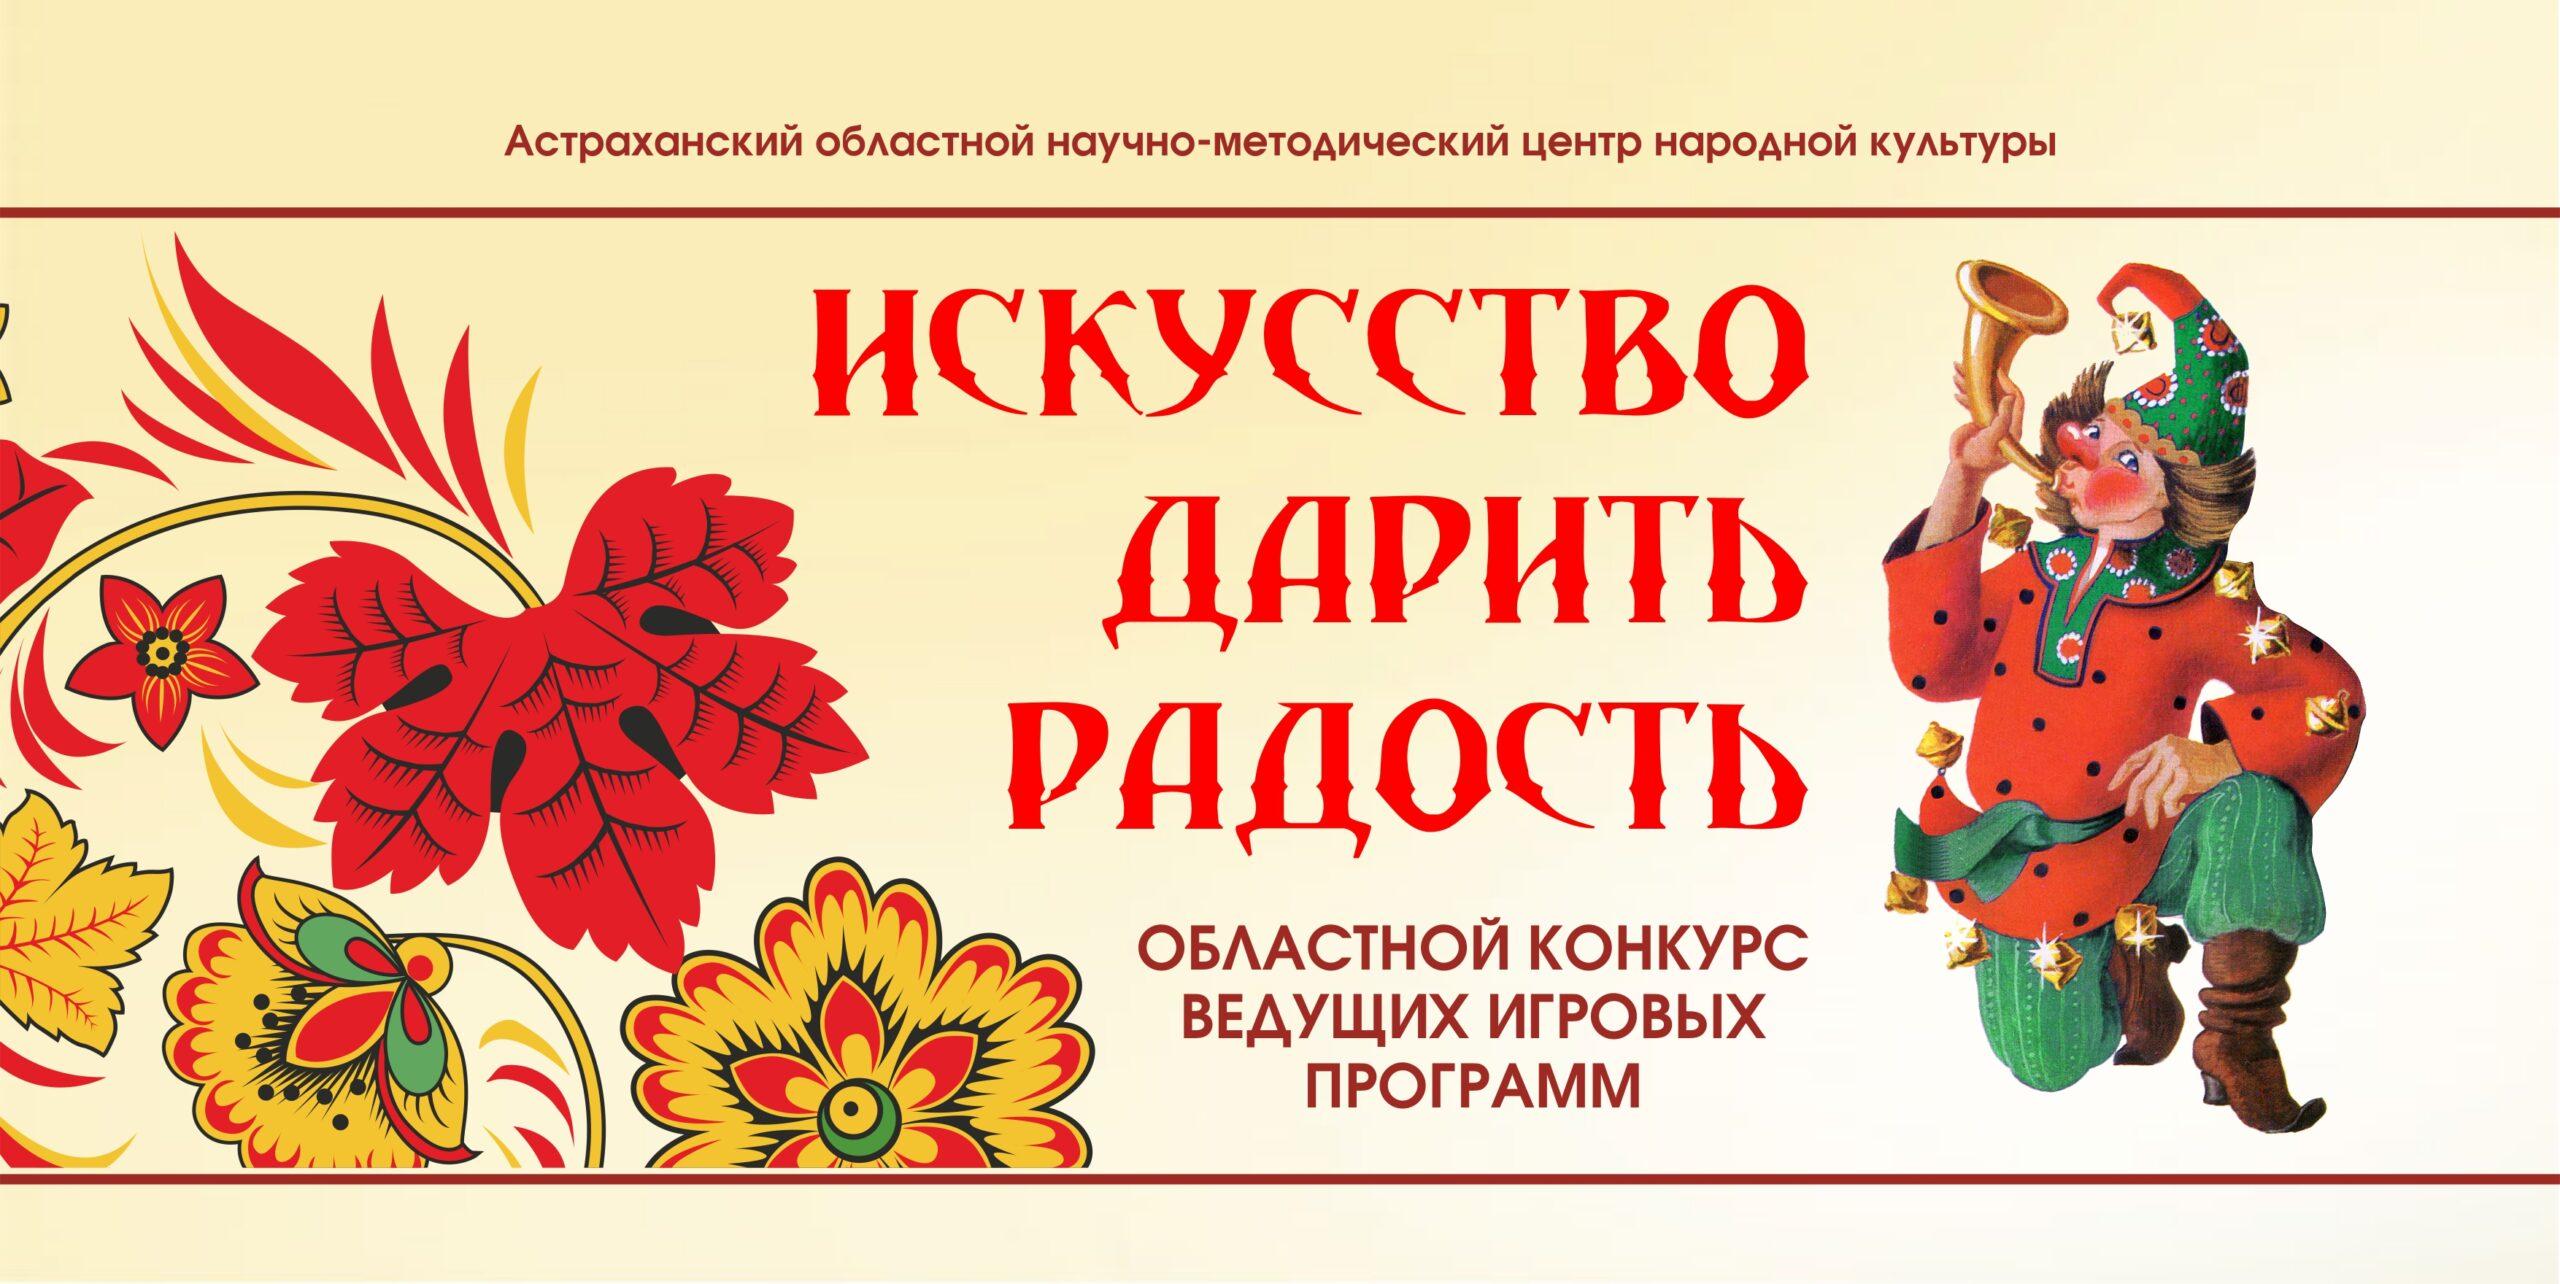 В Астрахани объявлен конкурс «Искусство дарить радость»